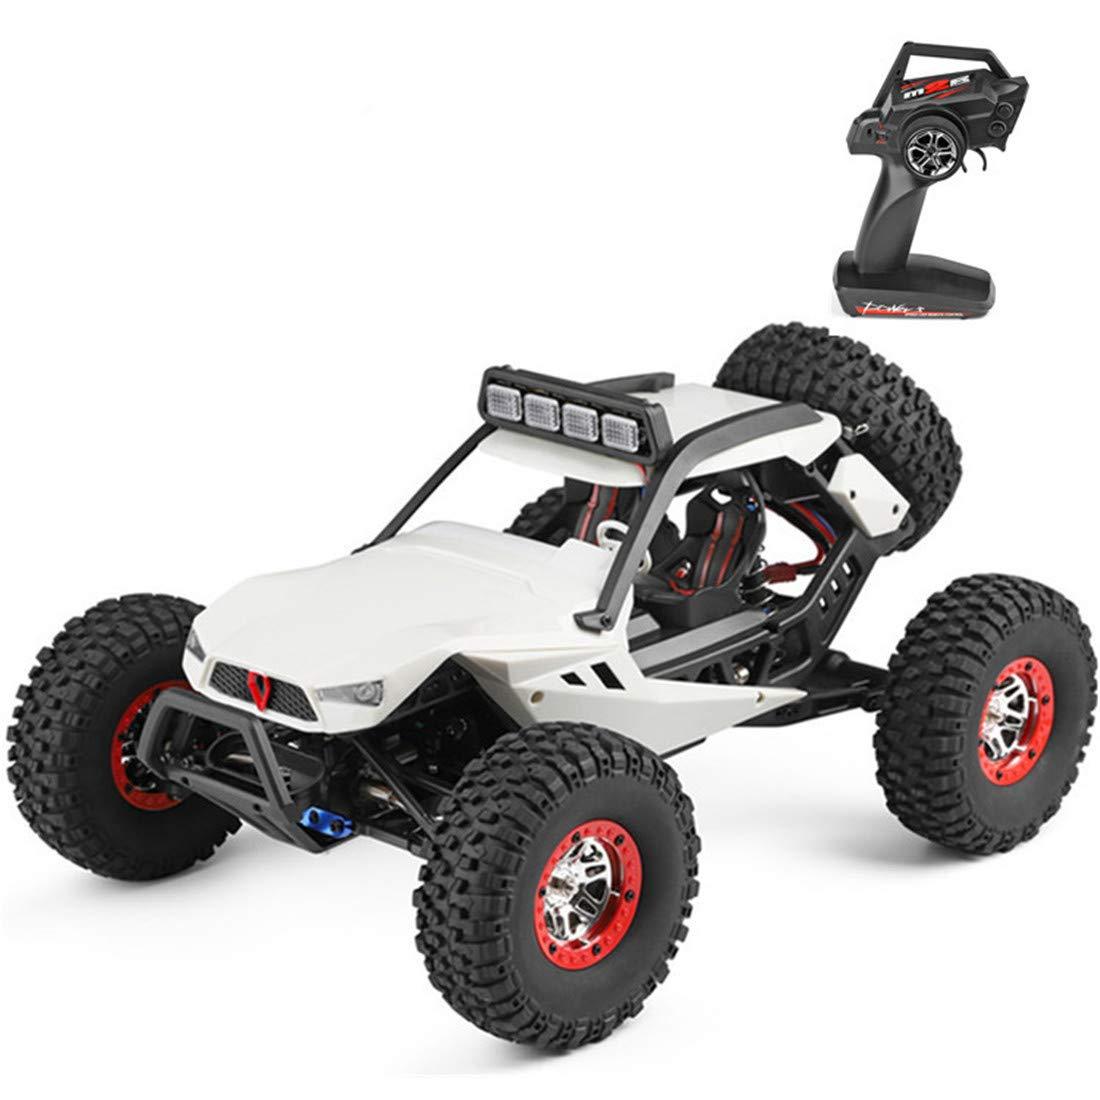 男の子の大人および子供のための道車のおもちゃのスタントカーを離れた軽い電気Rcが付いているリモートコントロール競争車   B07NRTHKLP